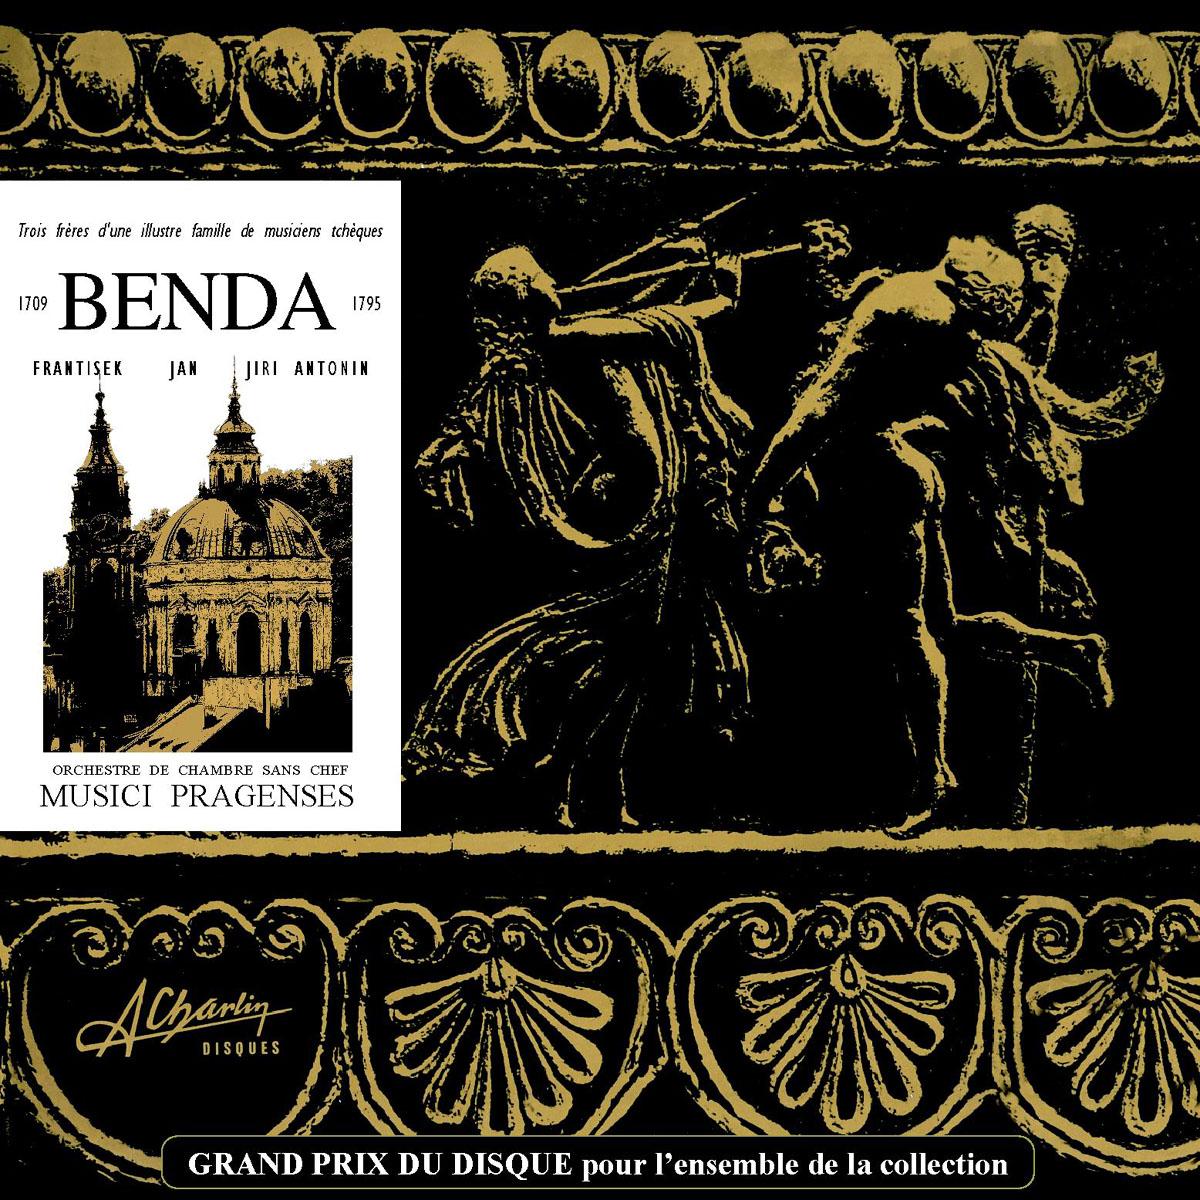 BENDA - CL 41